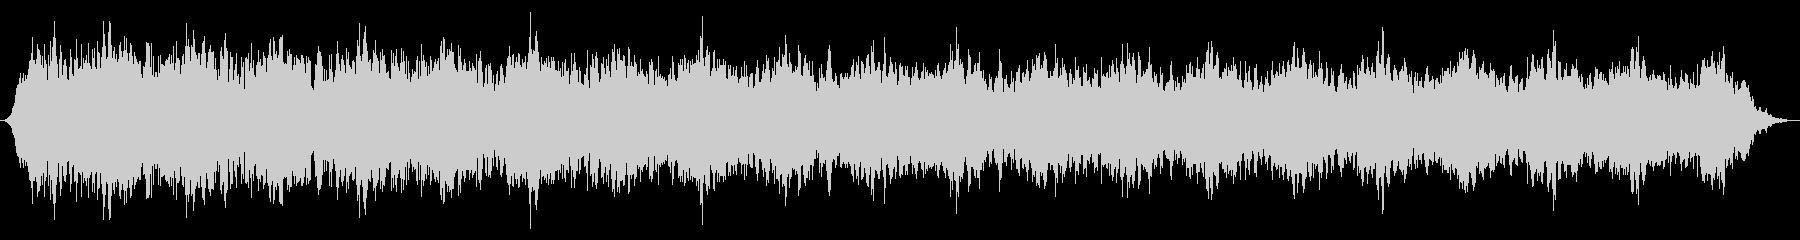 スローシャッターシンセドローンの未再生の波形